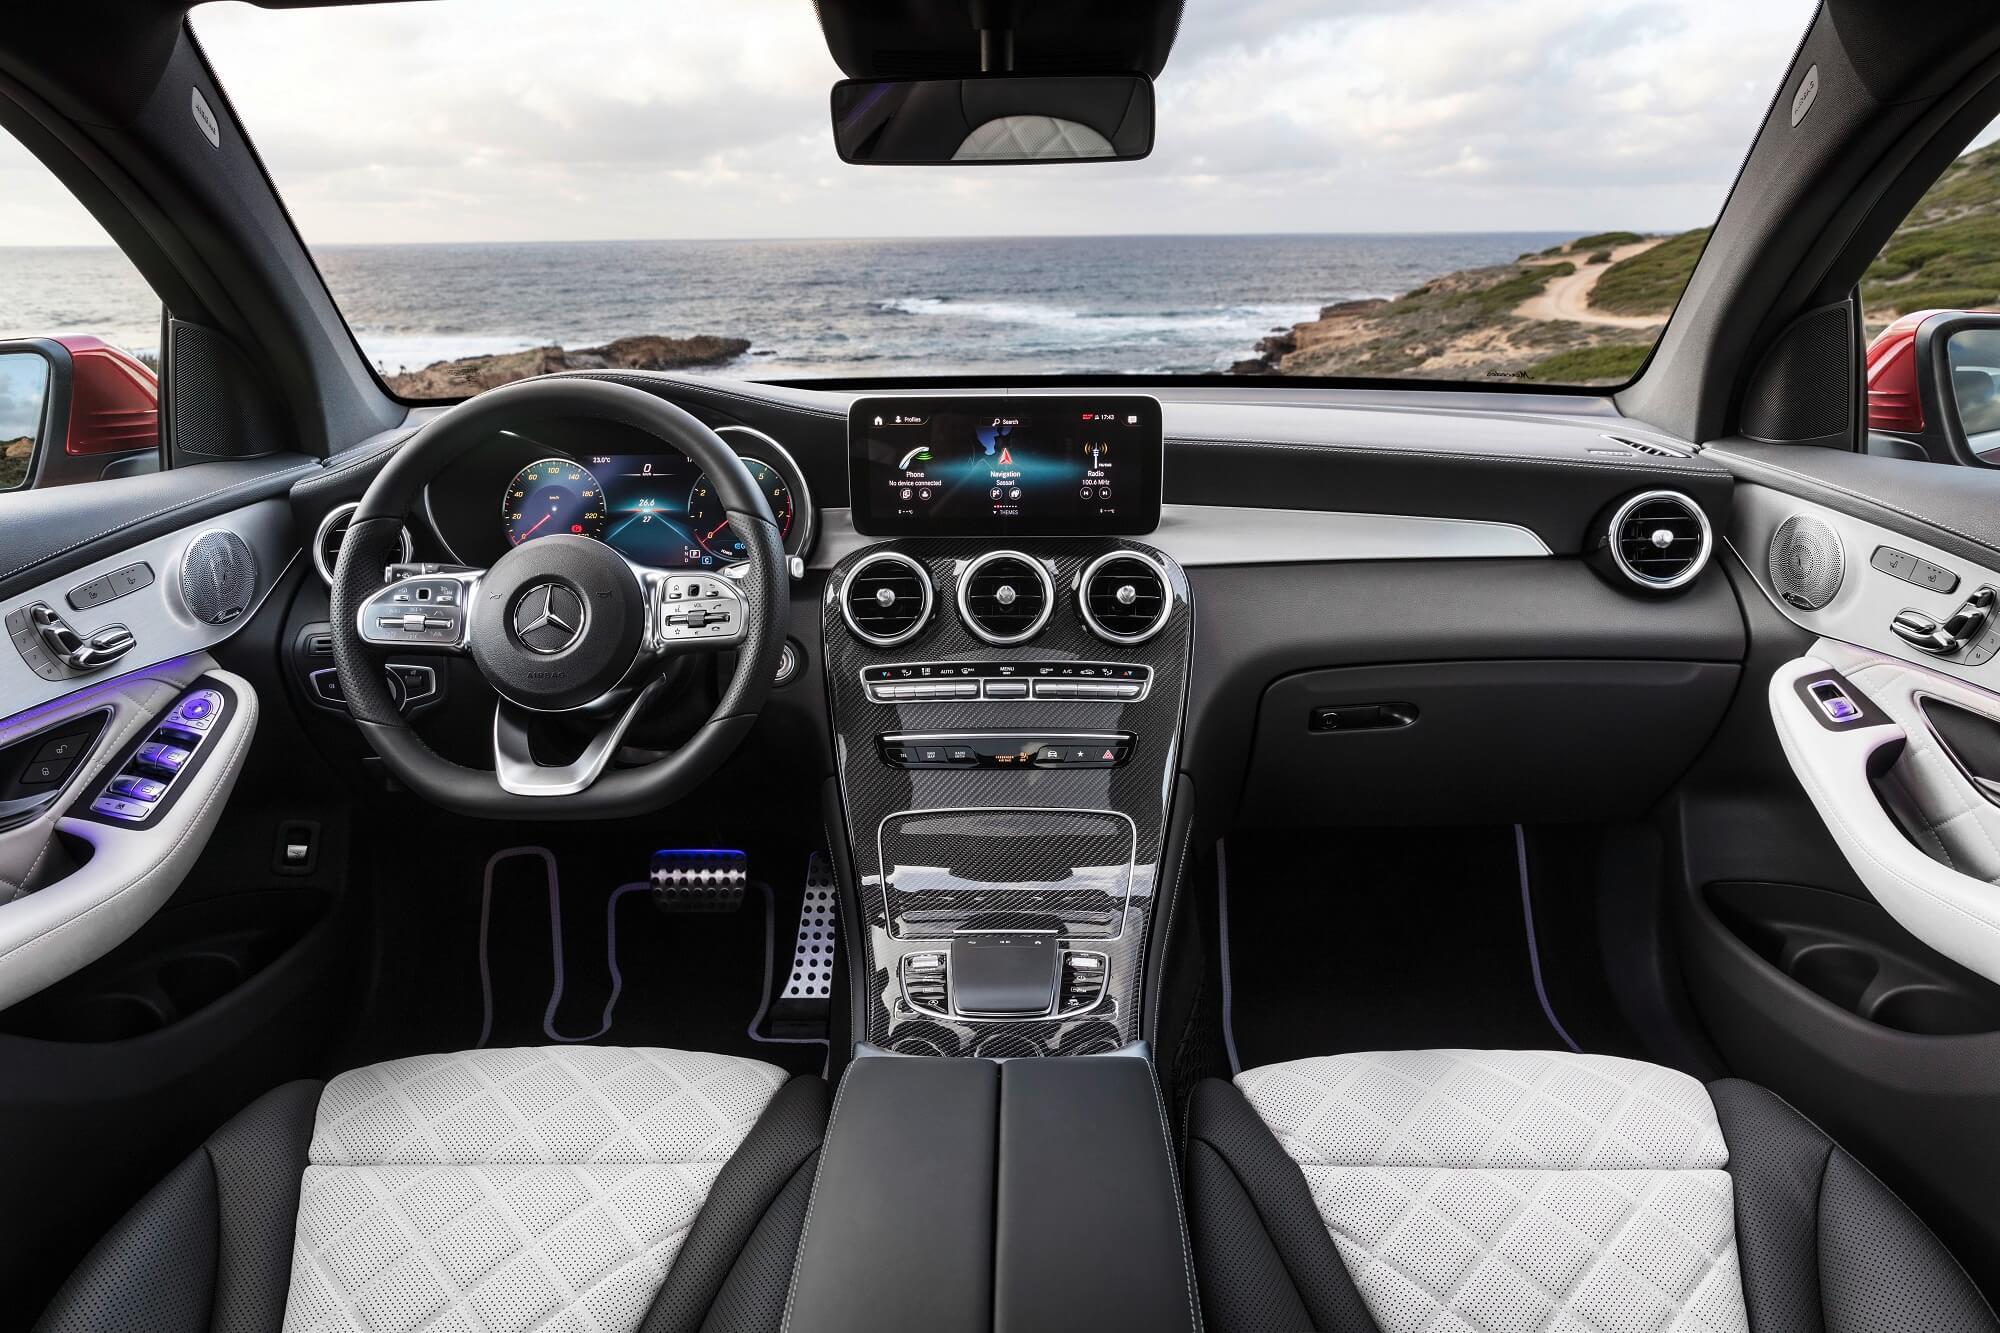 Mercedes Benz Glc Coupe Renovacao Traz Novos Motores